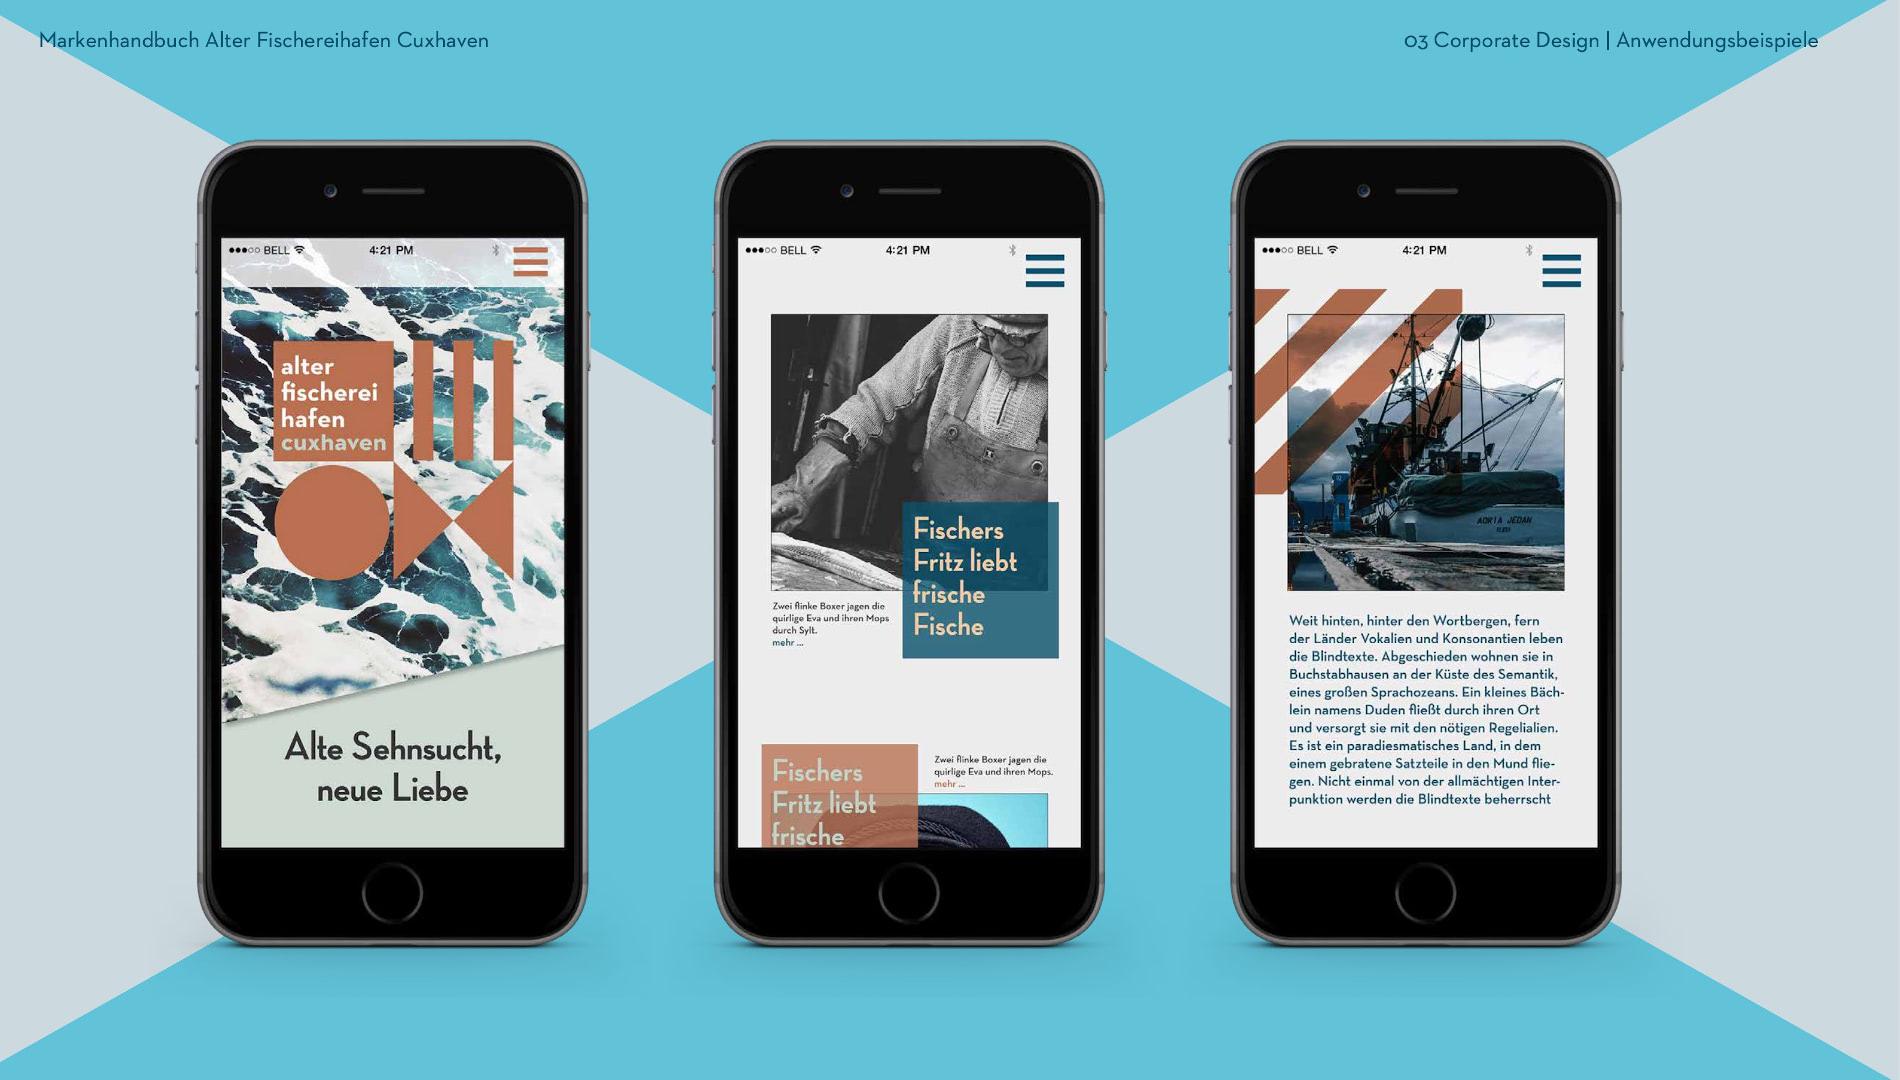 Markenentwicklung Corporate Design Alter Fischereihafen Cuxhaven Markenhandbuch iPhones Handys Going Places